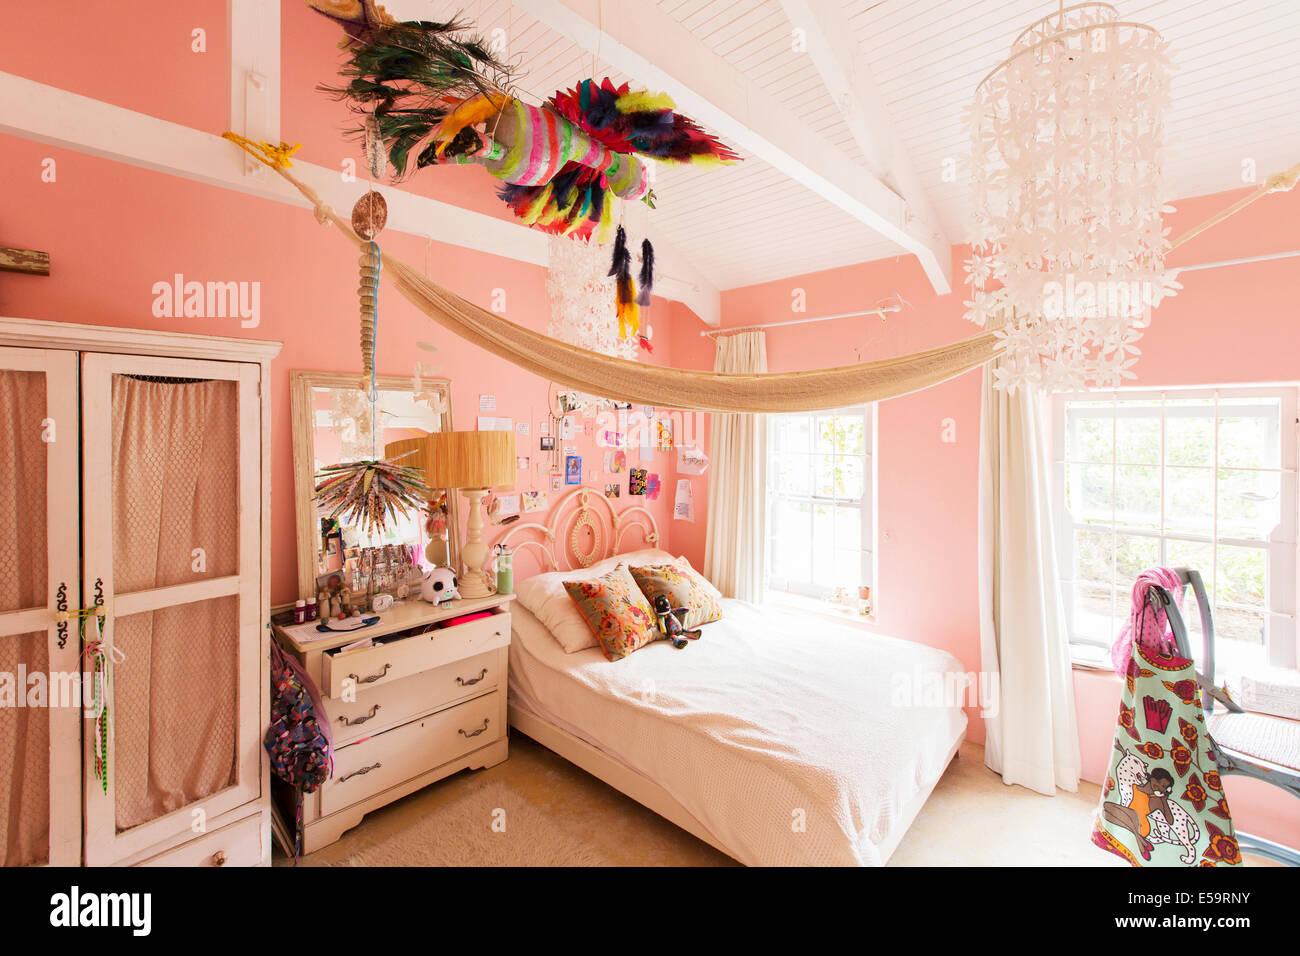 Dekoration Im Schlafzimmer Des Landhaus